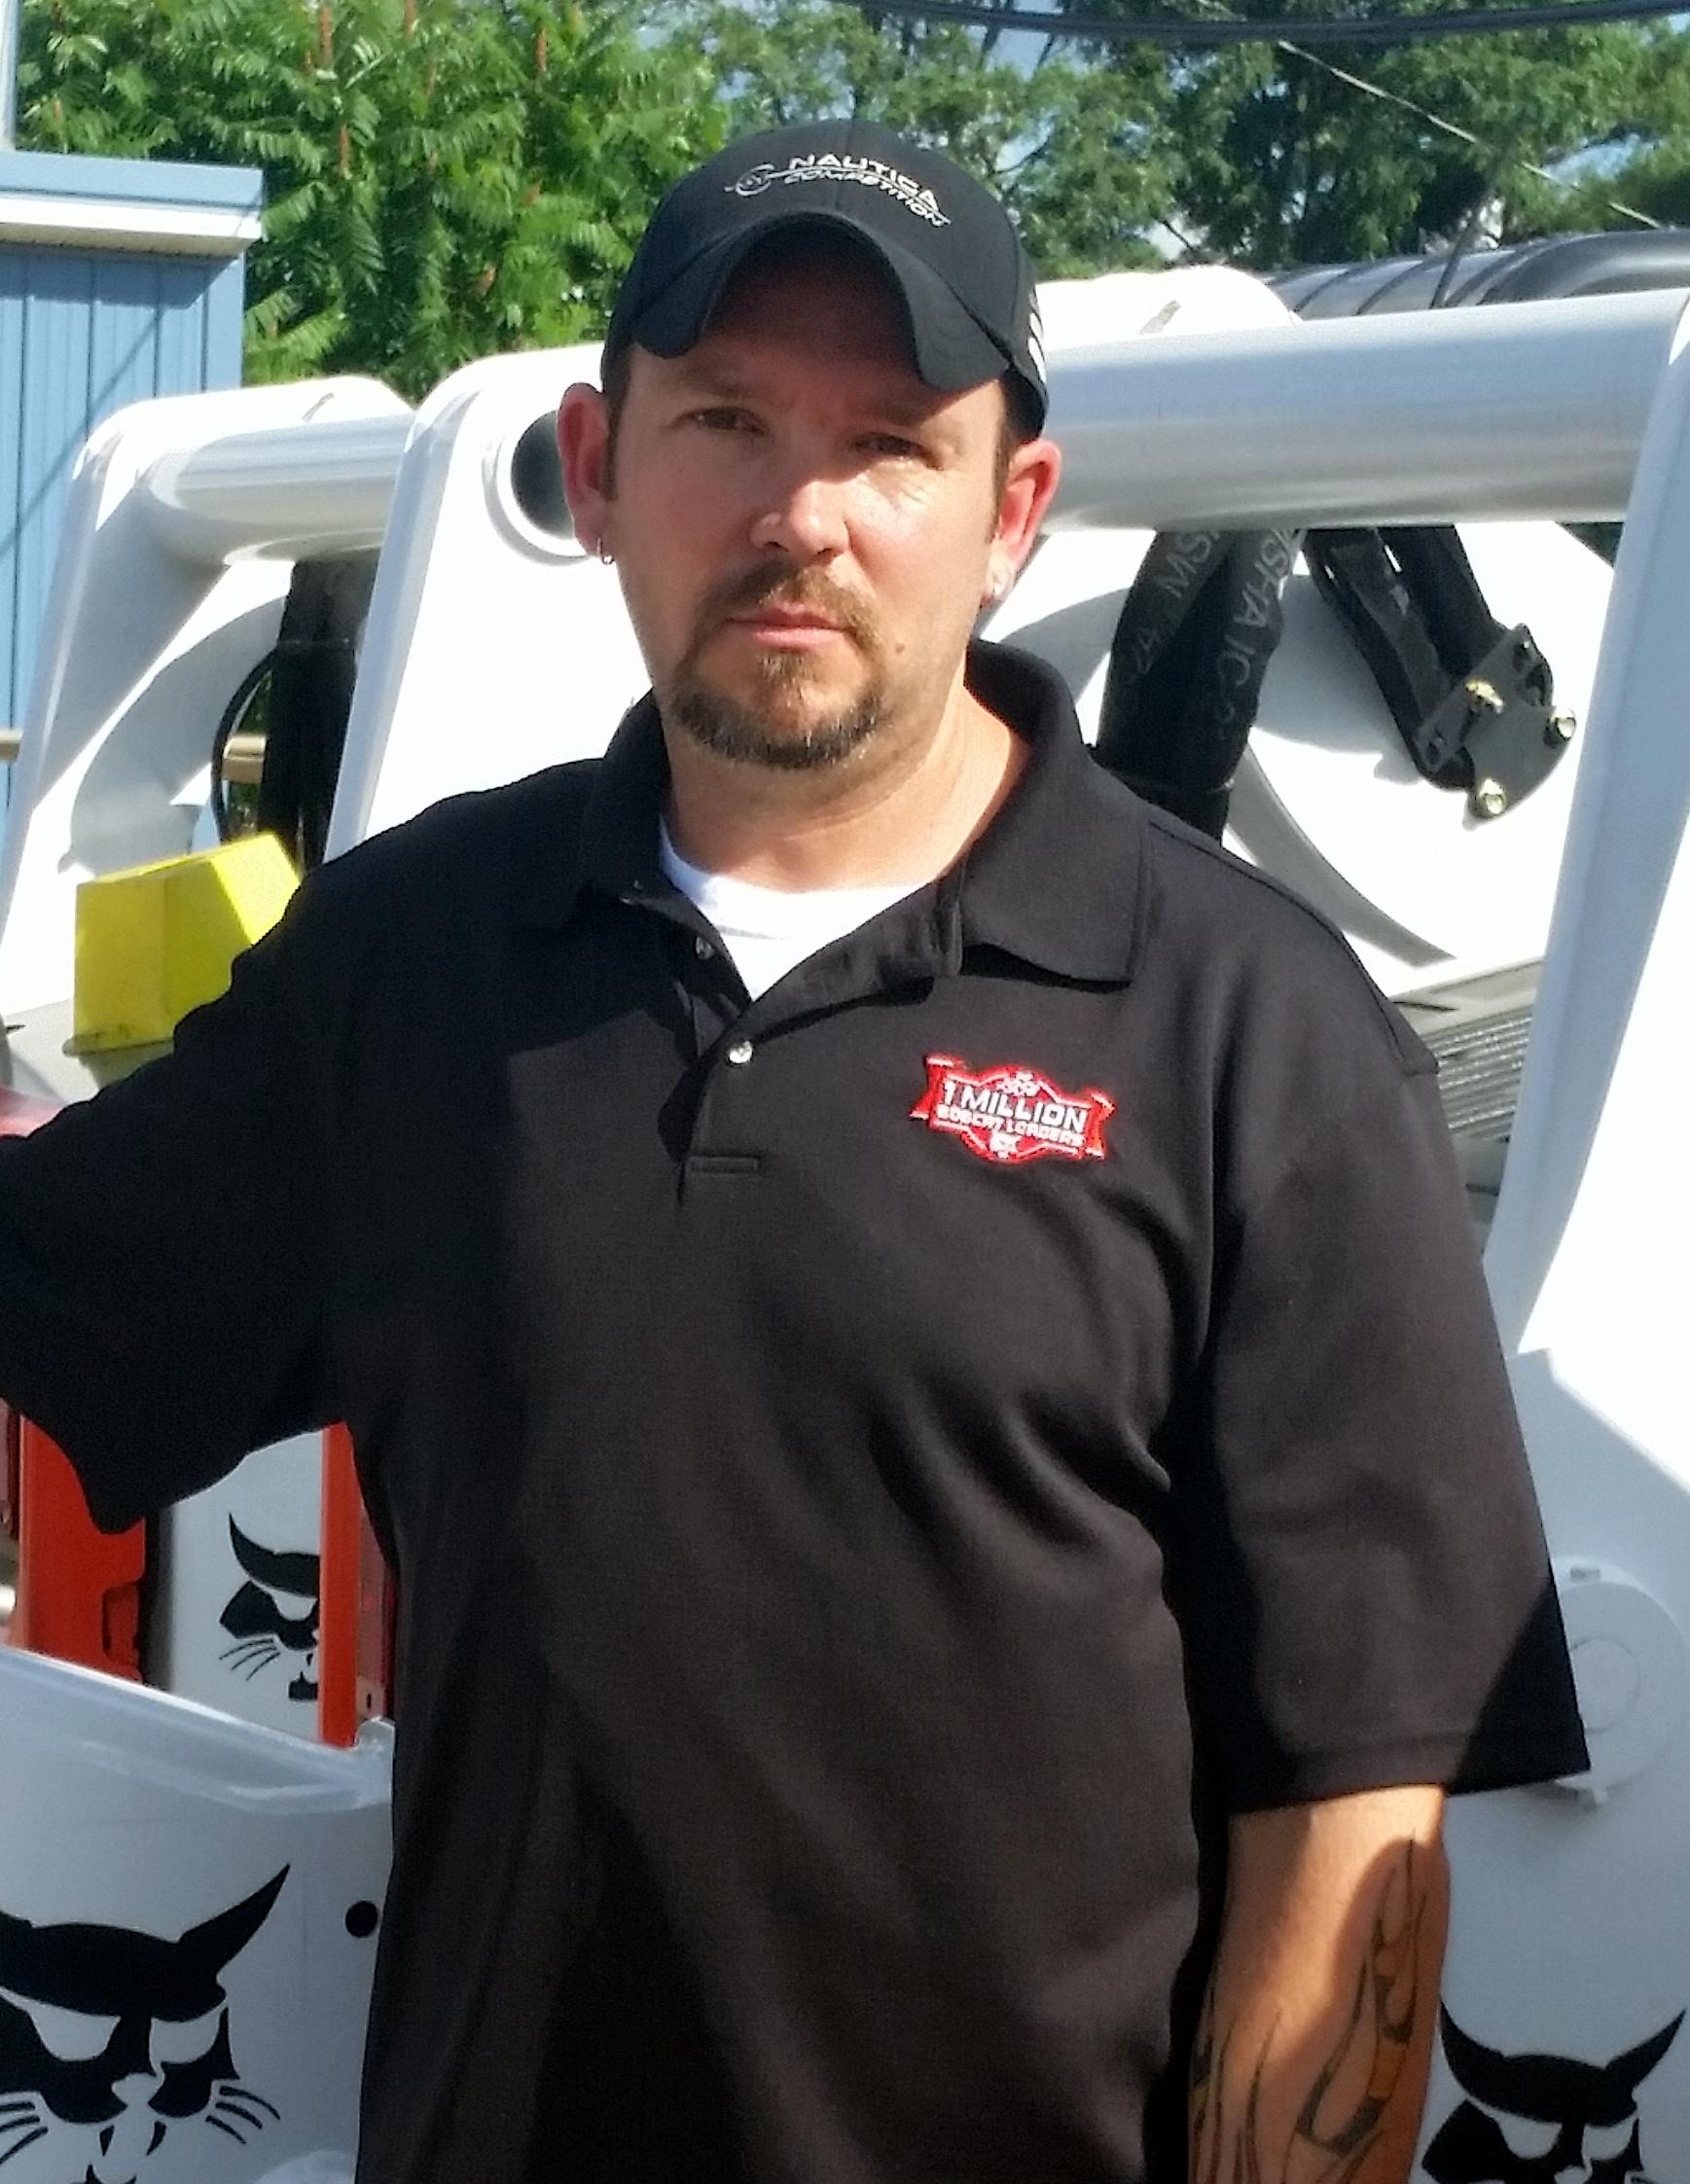 Gaithersburg Parts Manager